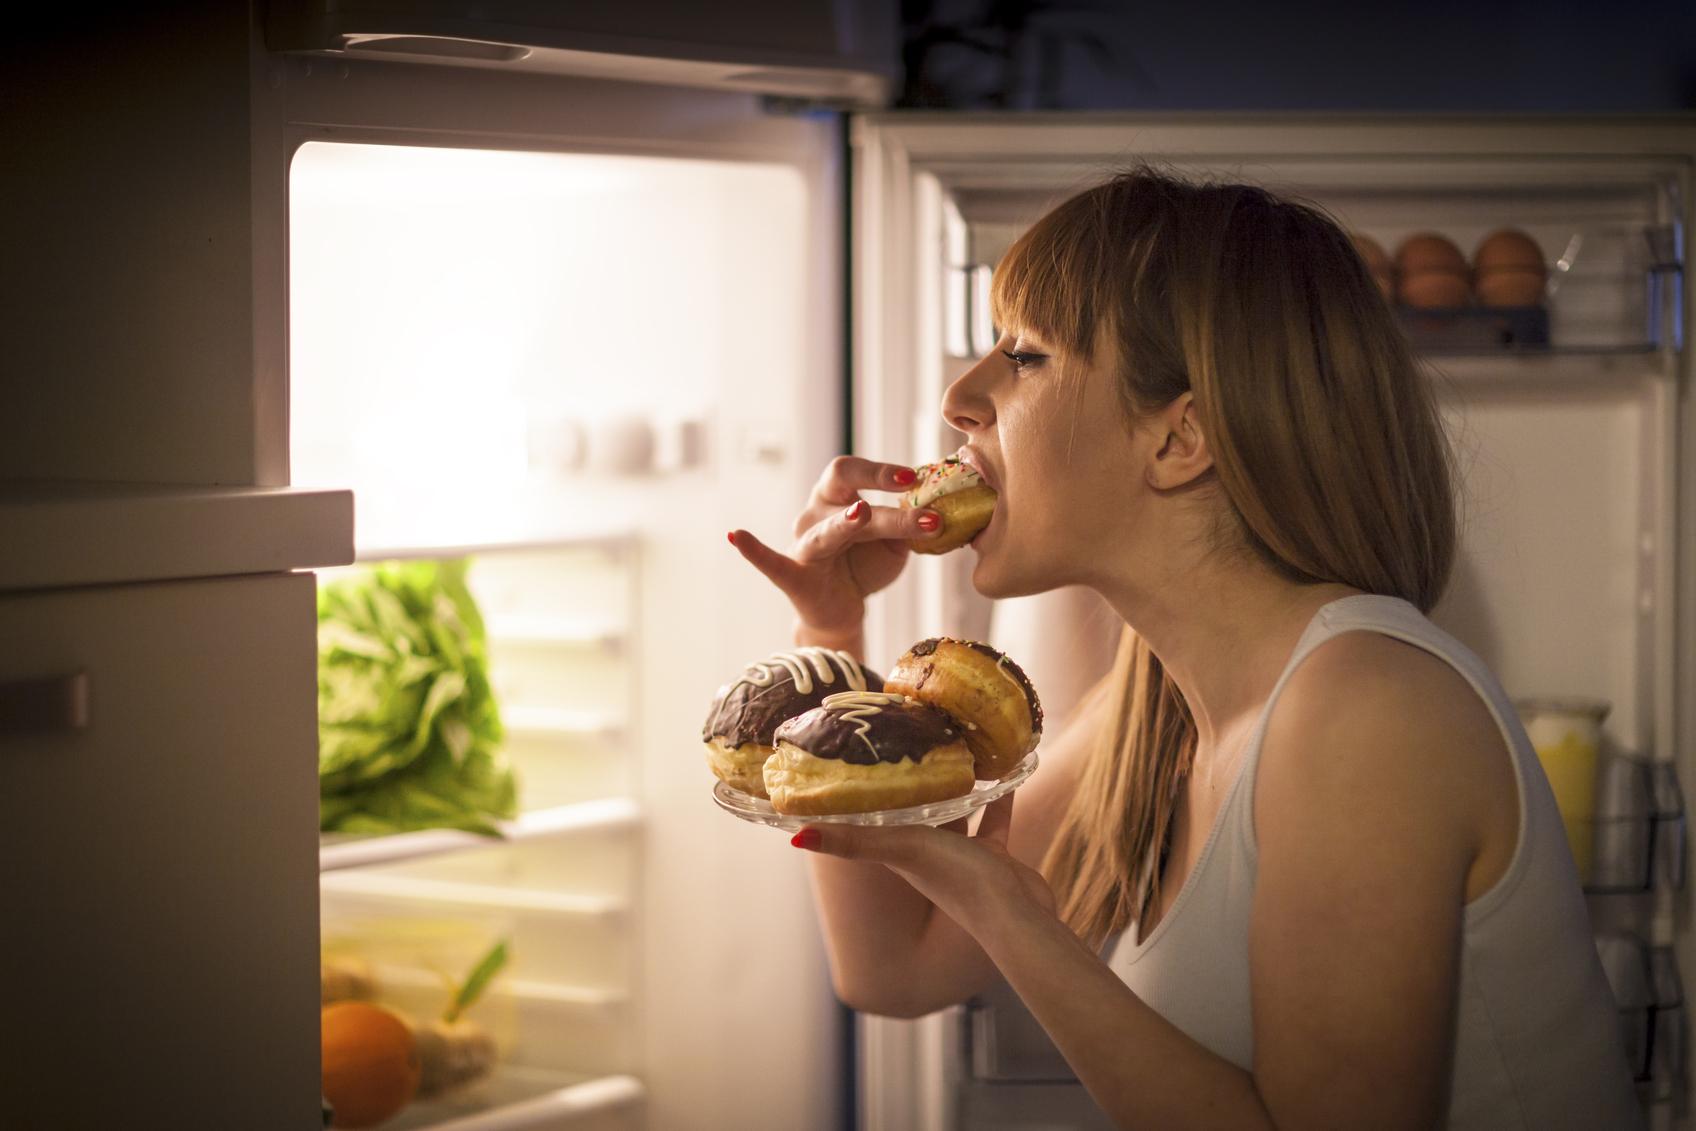 foto de mulher comendo doce antes dormir | Por que devemos evitar comidas pesadas antes de dormir?